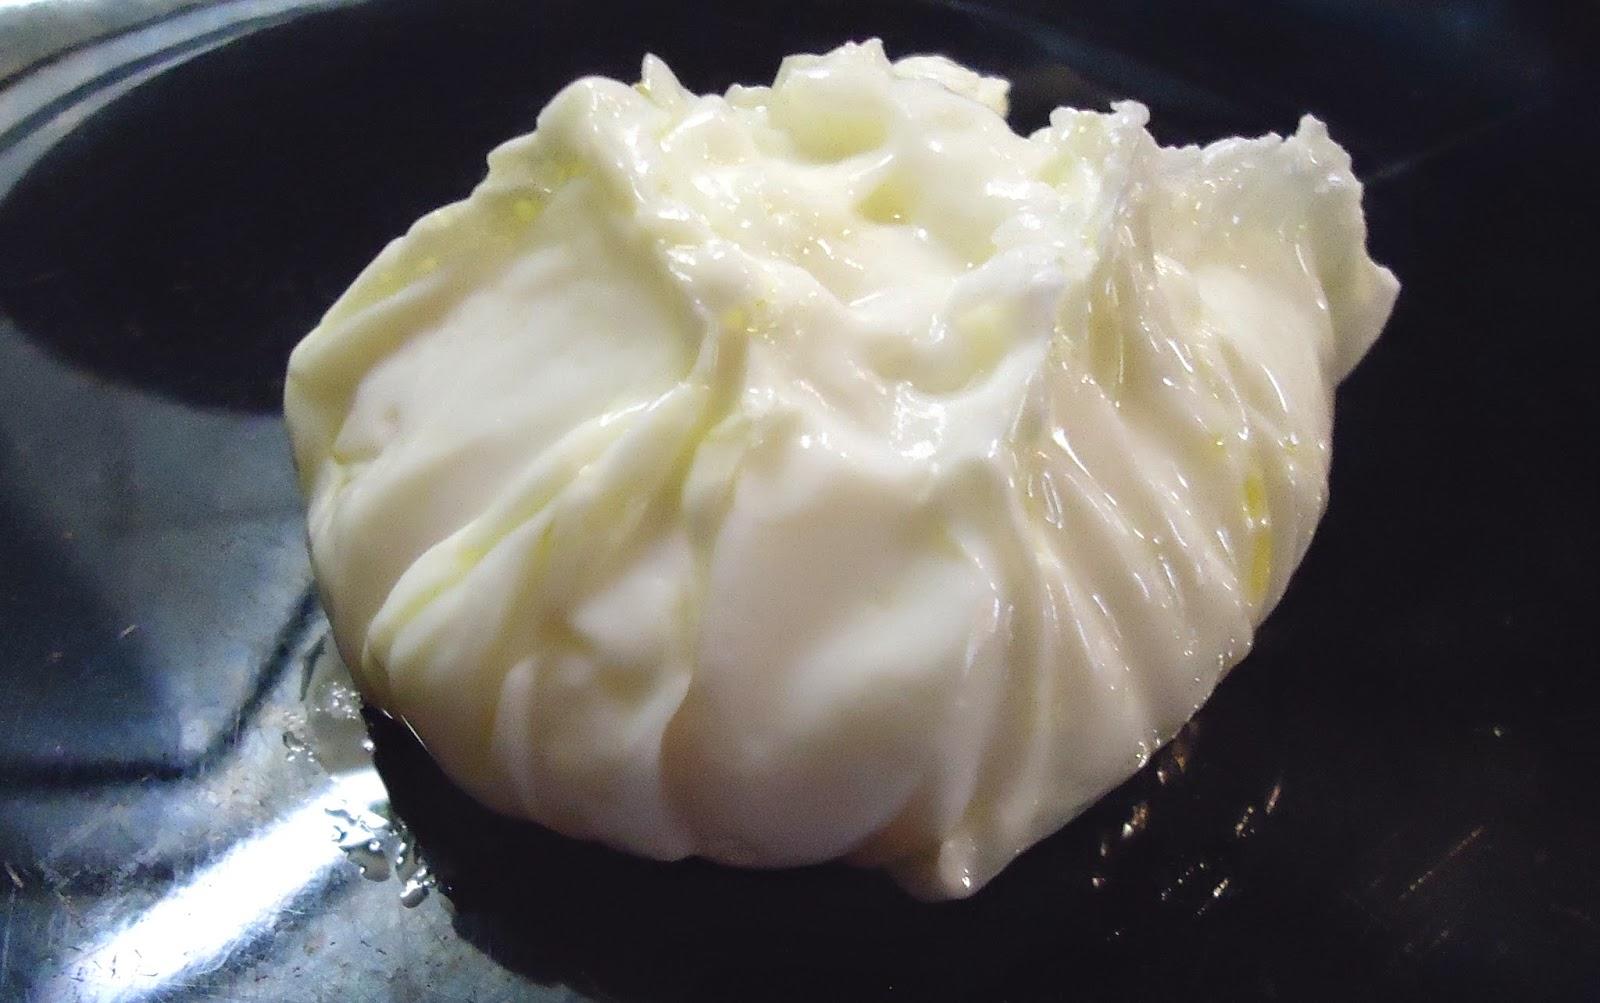 preparación de un huevo escalfado